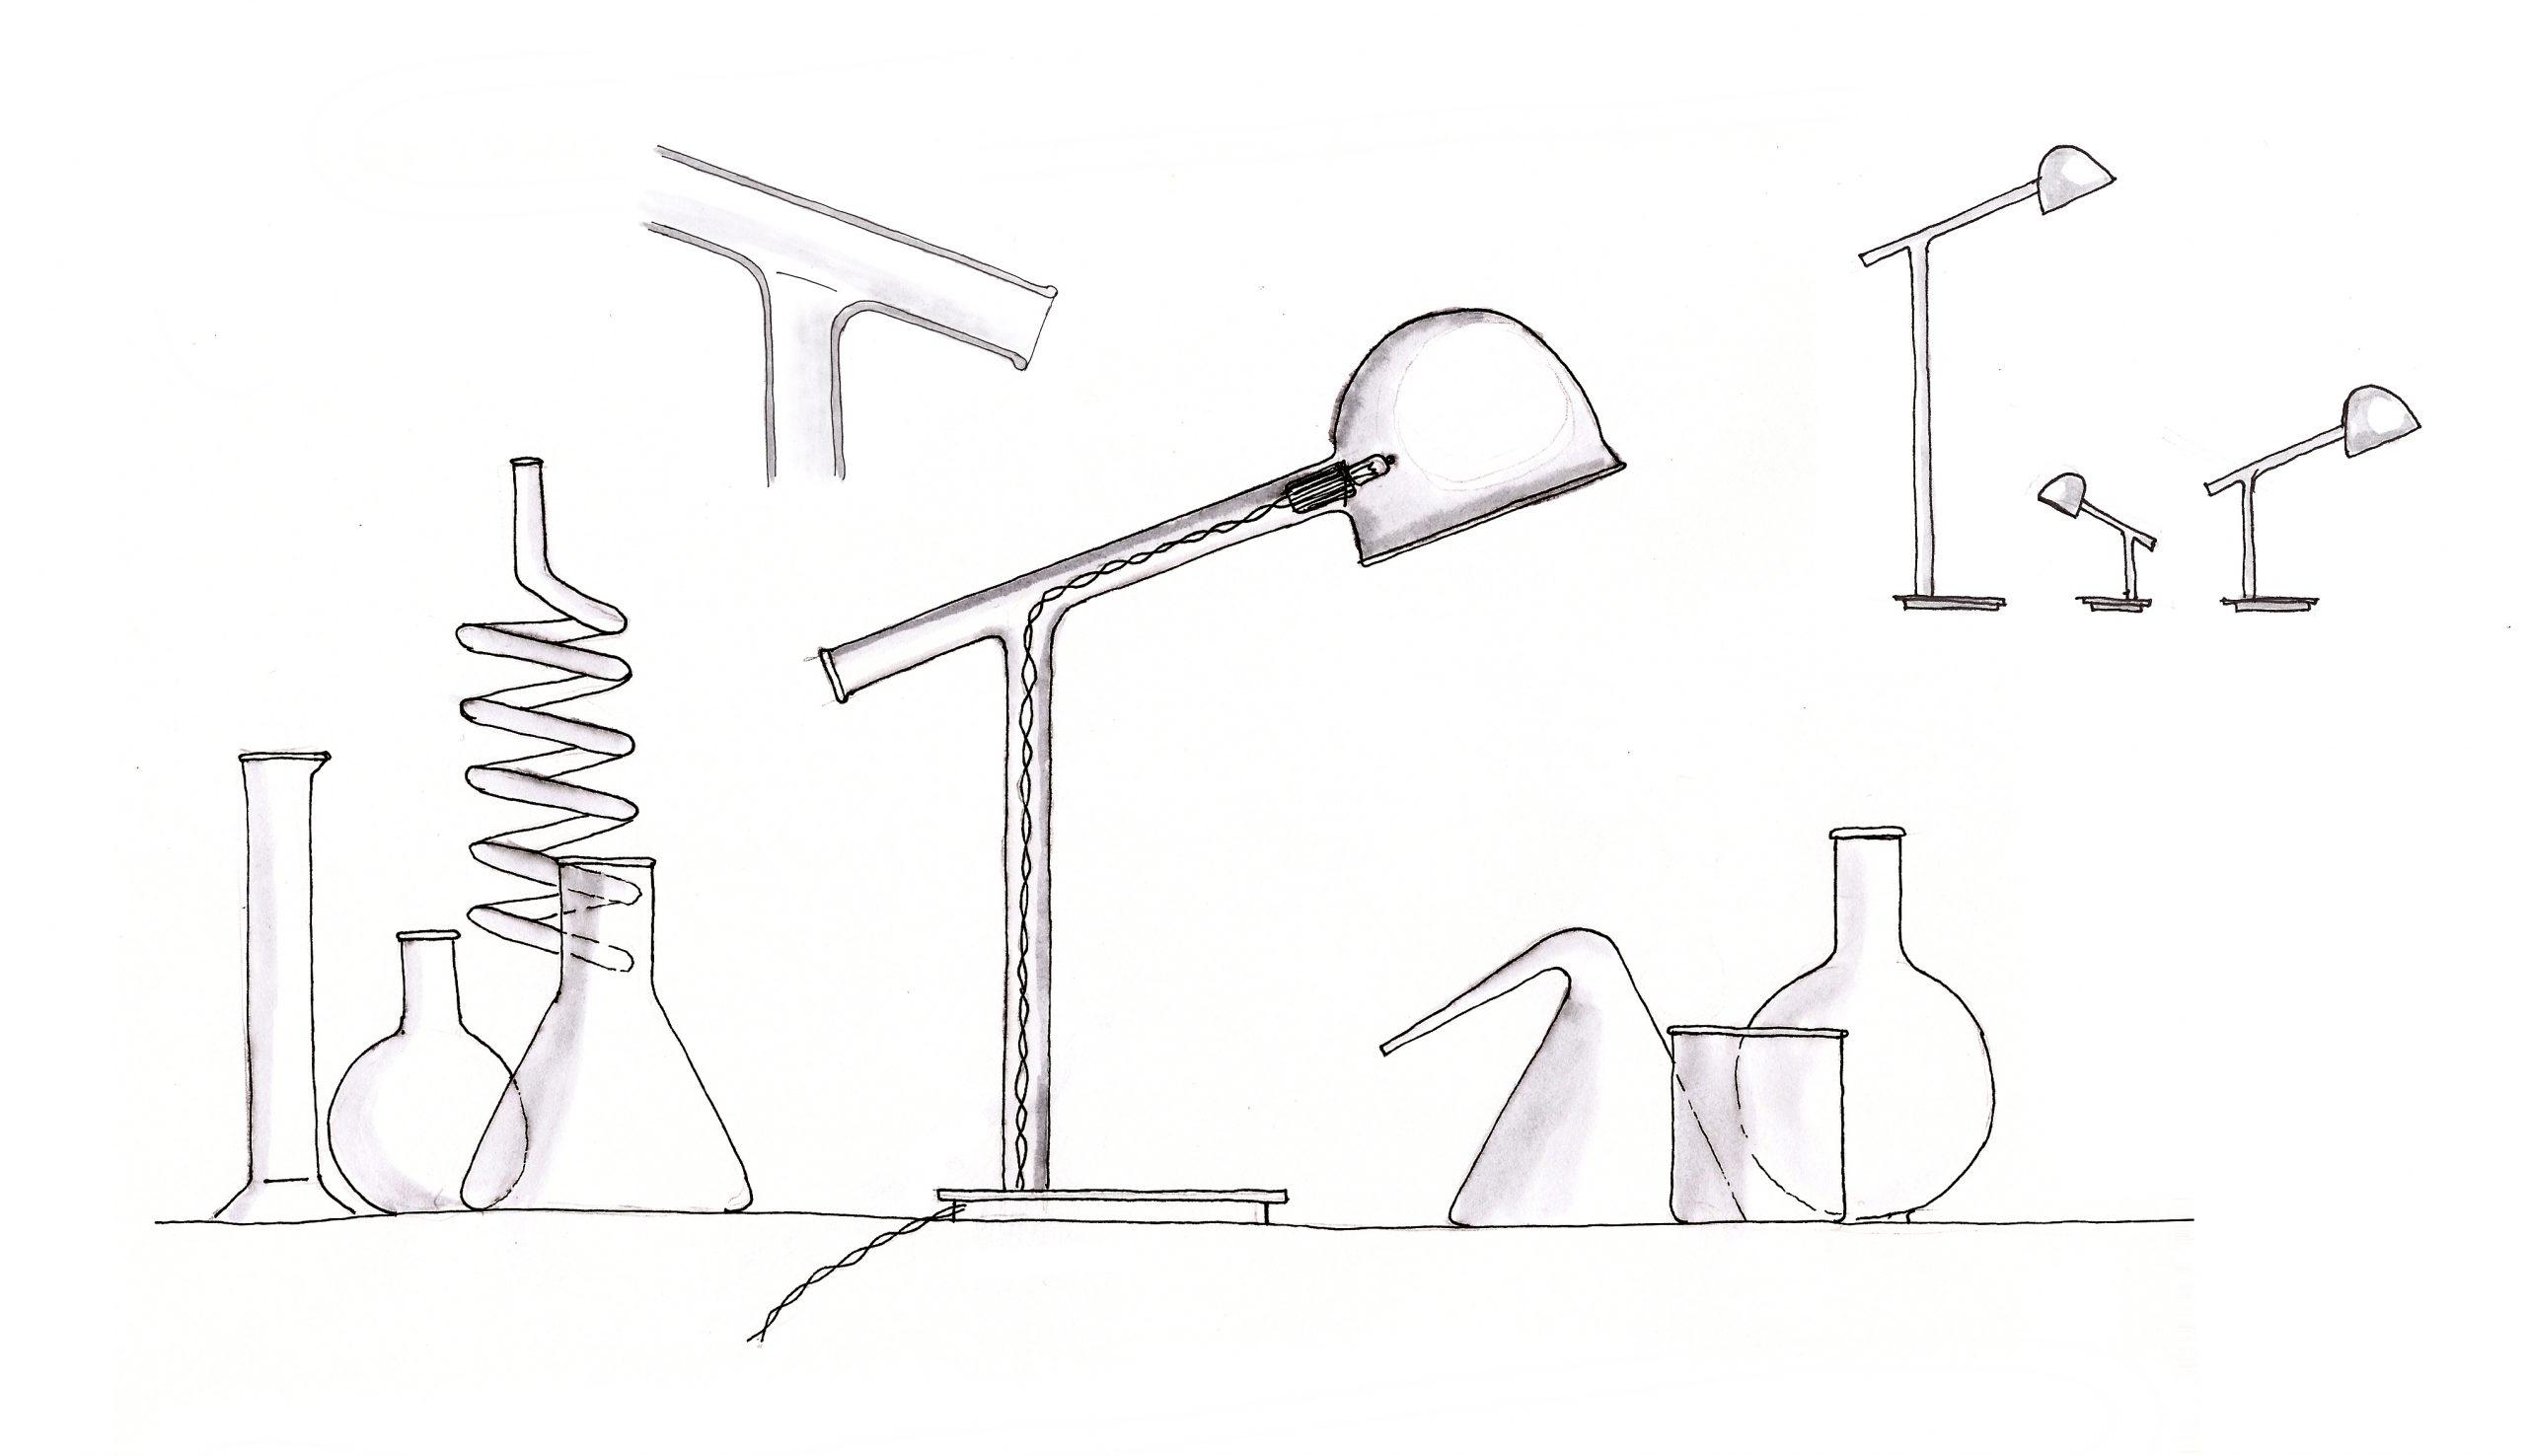 Sketch of the Labo borosilicate glass lamp by Debiasi Sandri for Penta